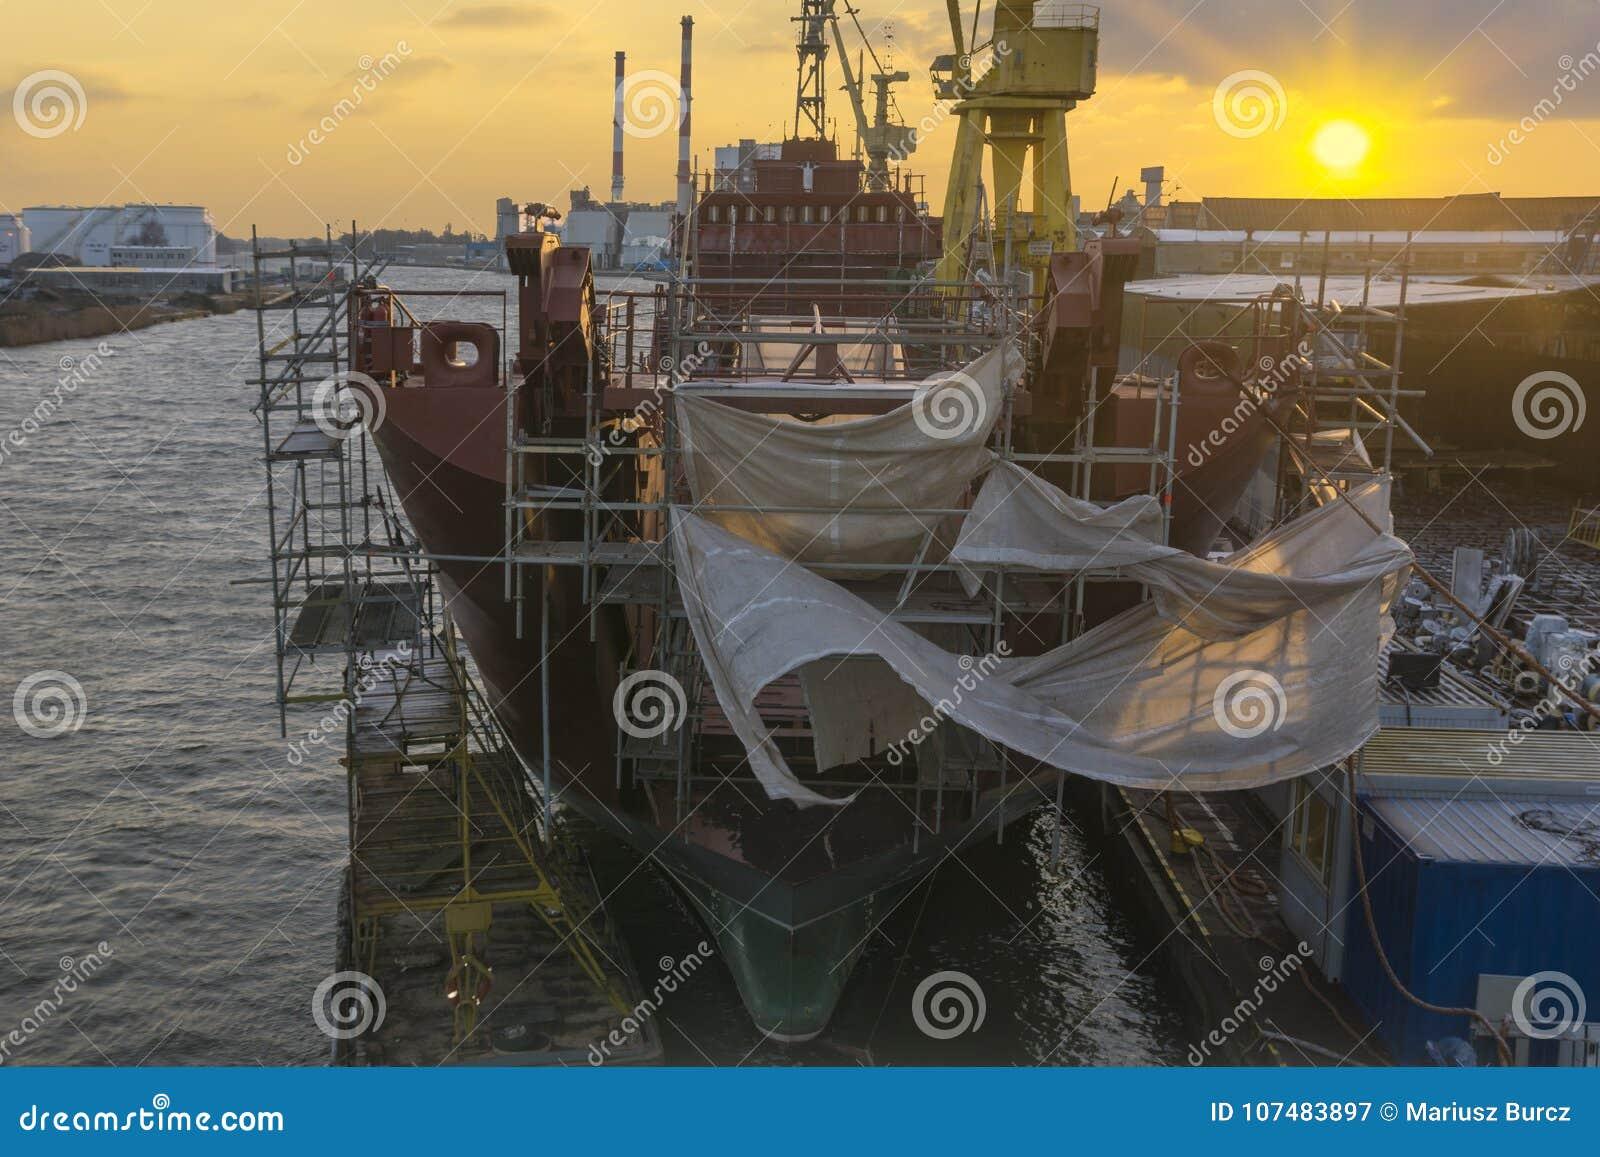 Szczecin, Poland-January 2018: Renovation of the Polish Navy shi